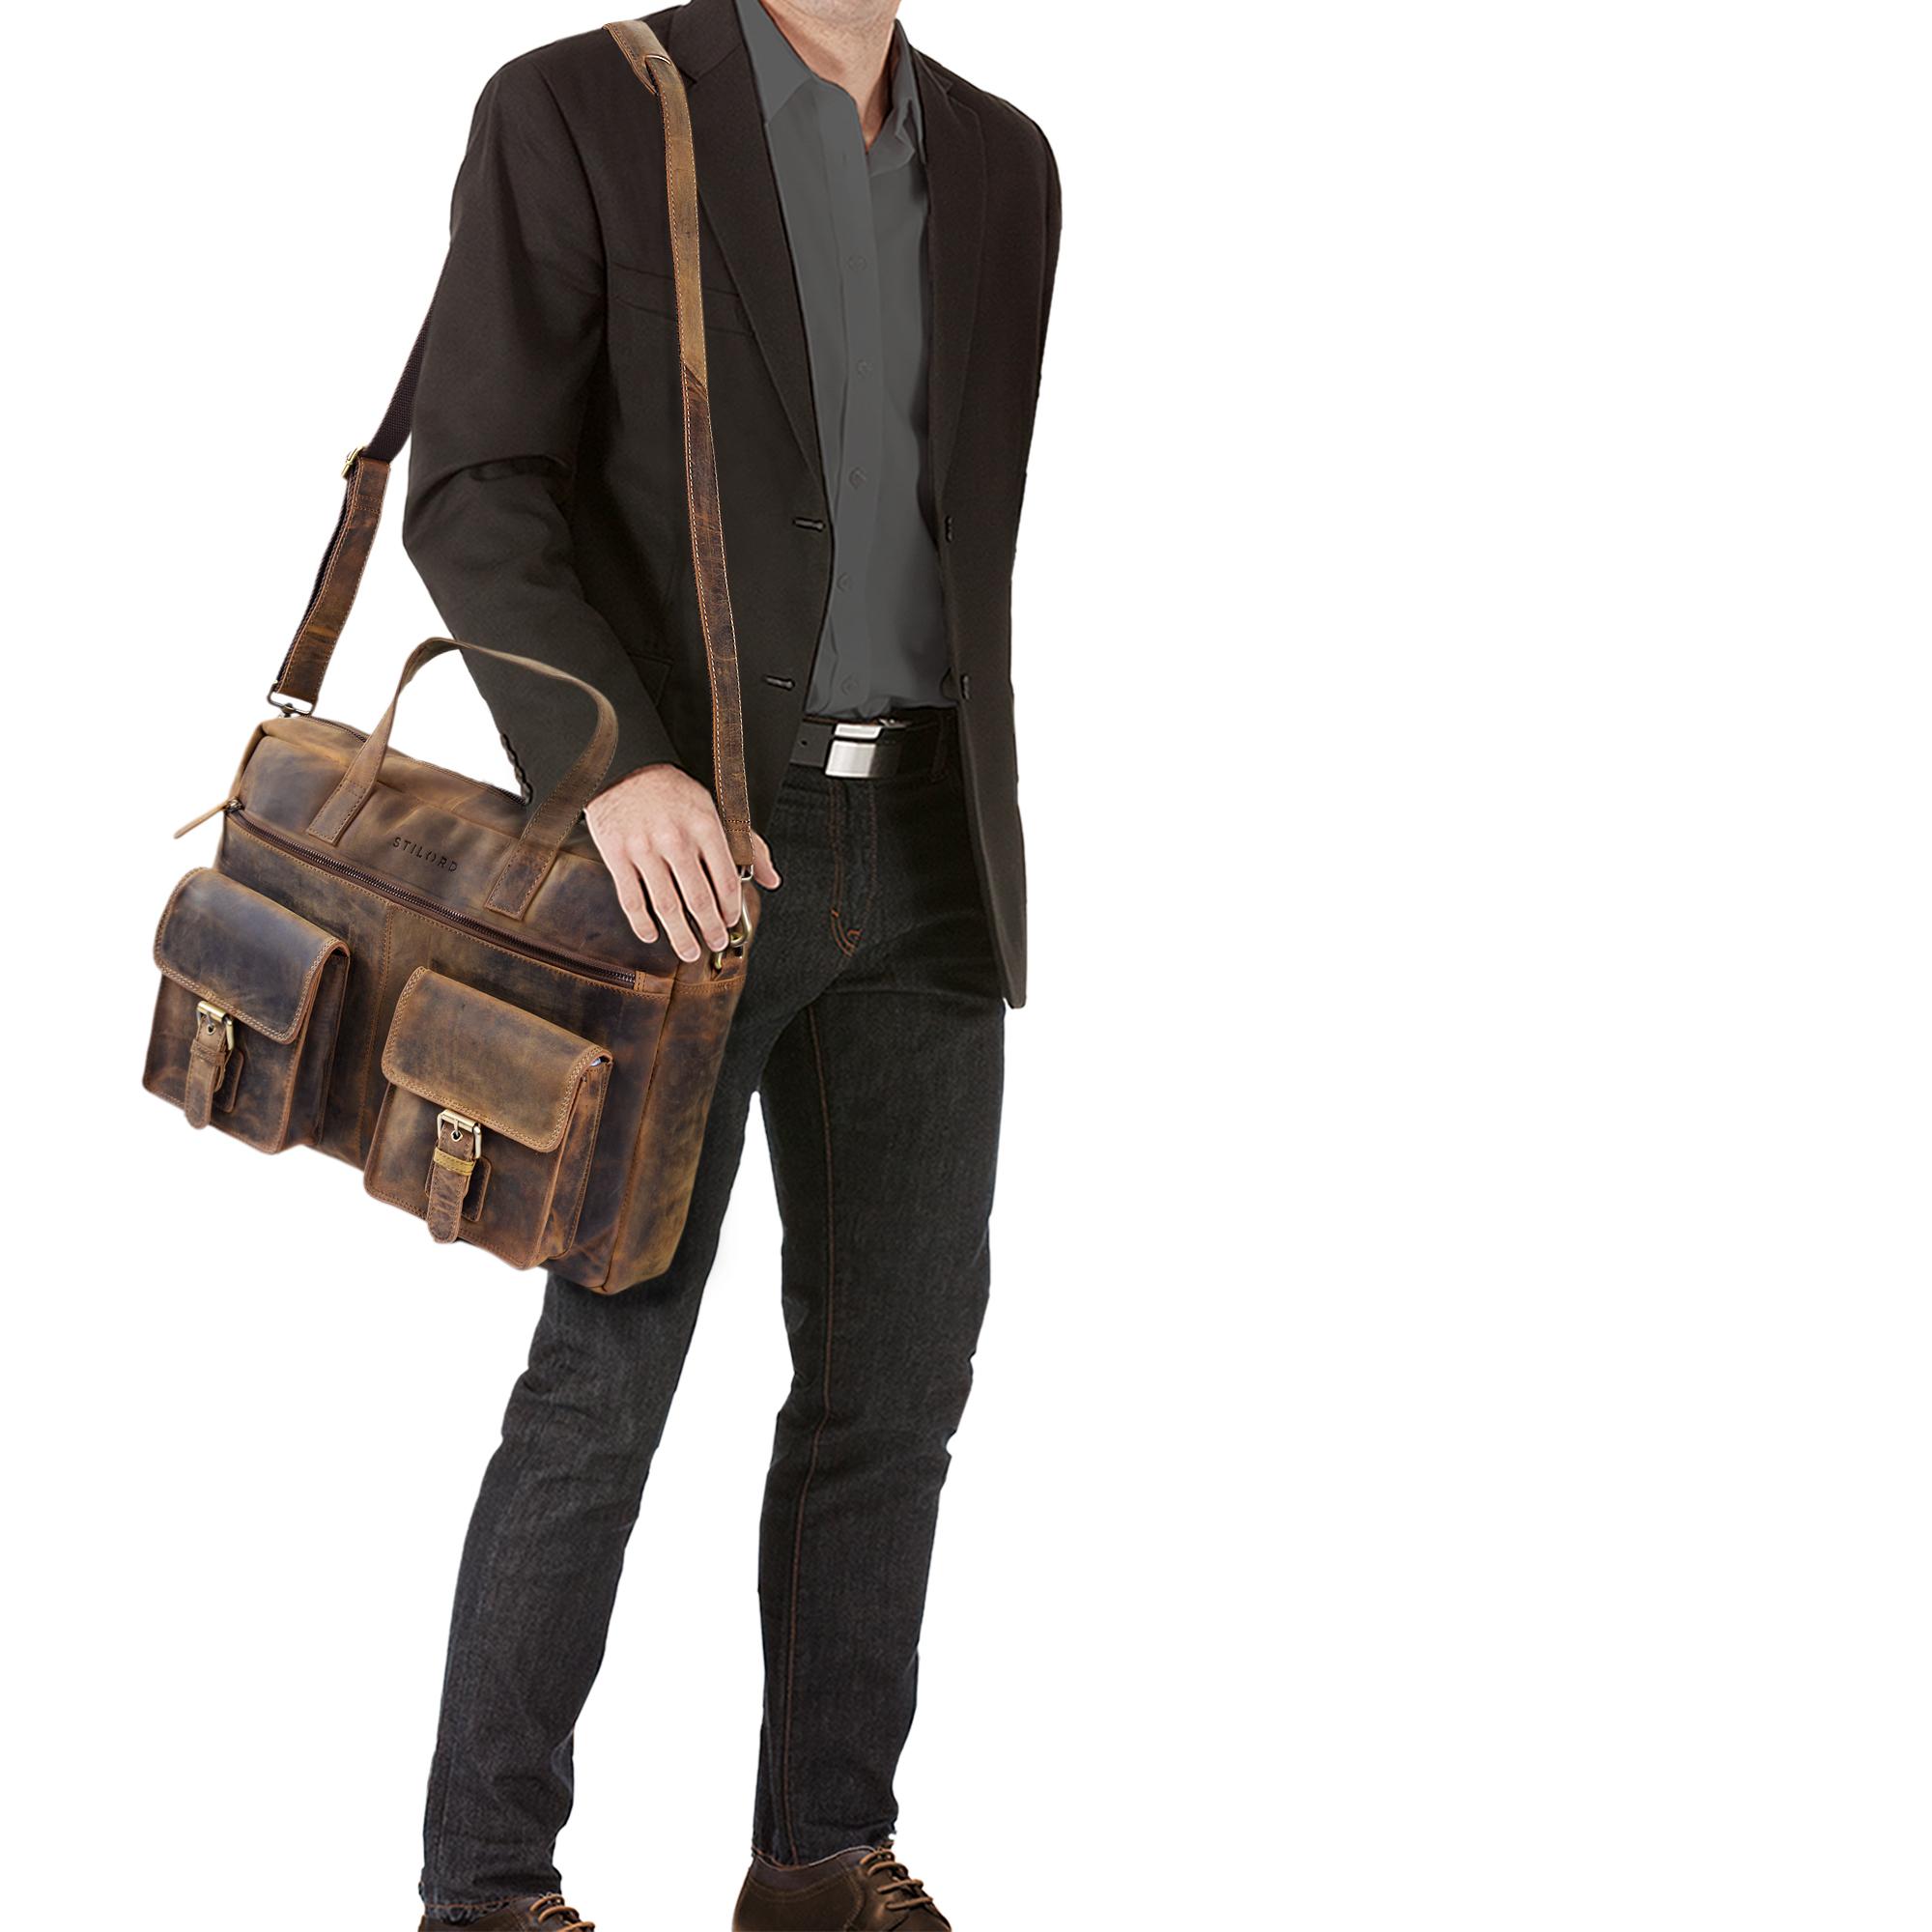 """STILORD """"Ron"""" Vintage Ledertasche 15.6 Zoll Laptopfach große Umhängetasche Herren für Büro Arbeit Uni moderne Aktentasche aus echtem Rinds-Leder - Bild 10"""